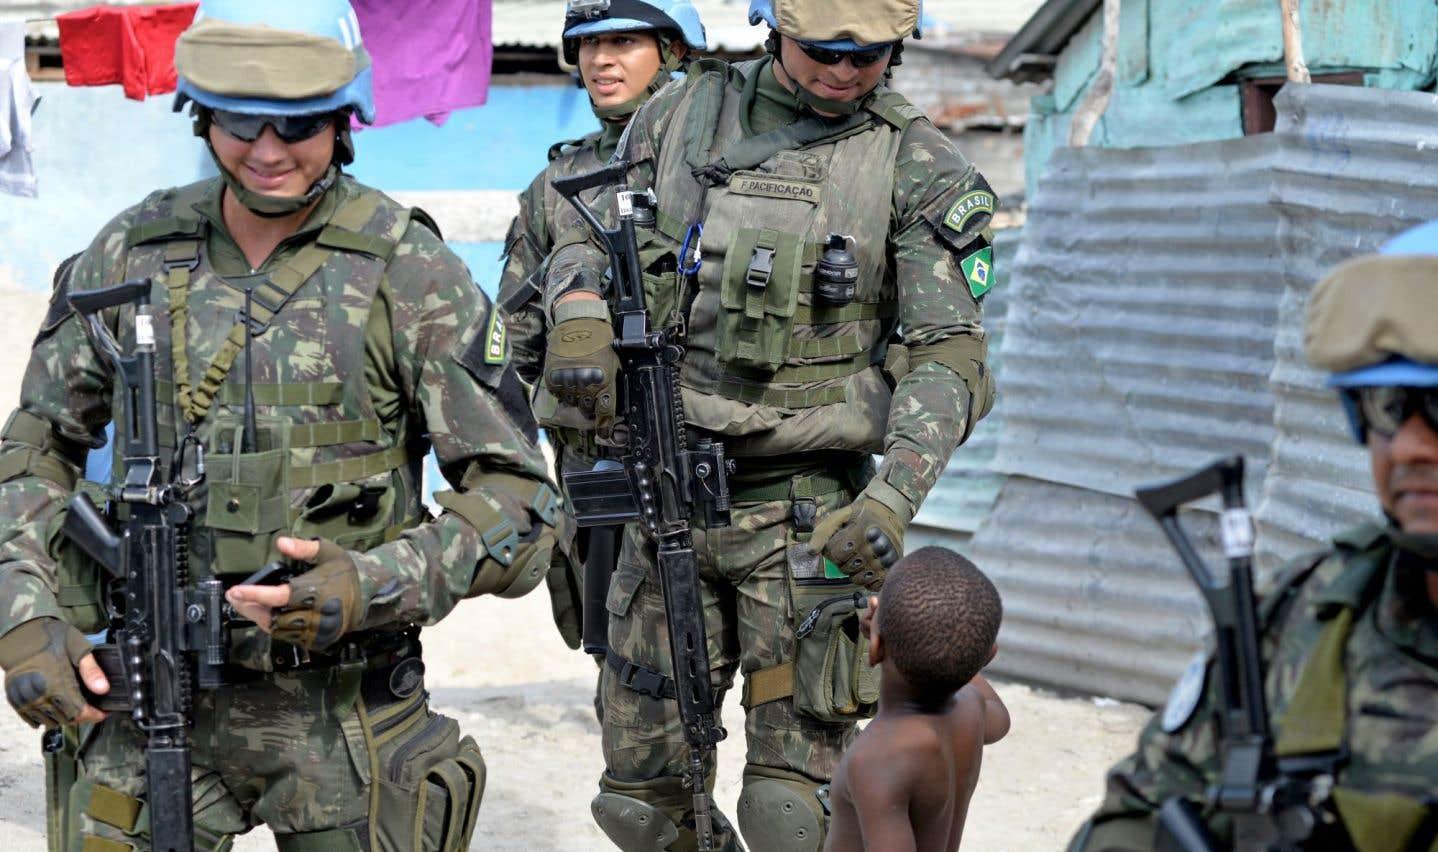 L'ONU mettra un terme  à la mission des Casques bleus d'ici six mois